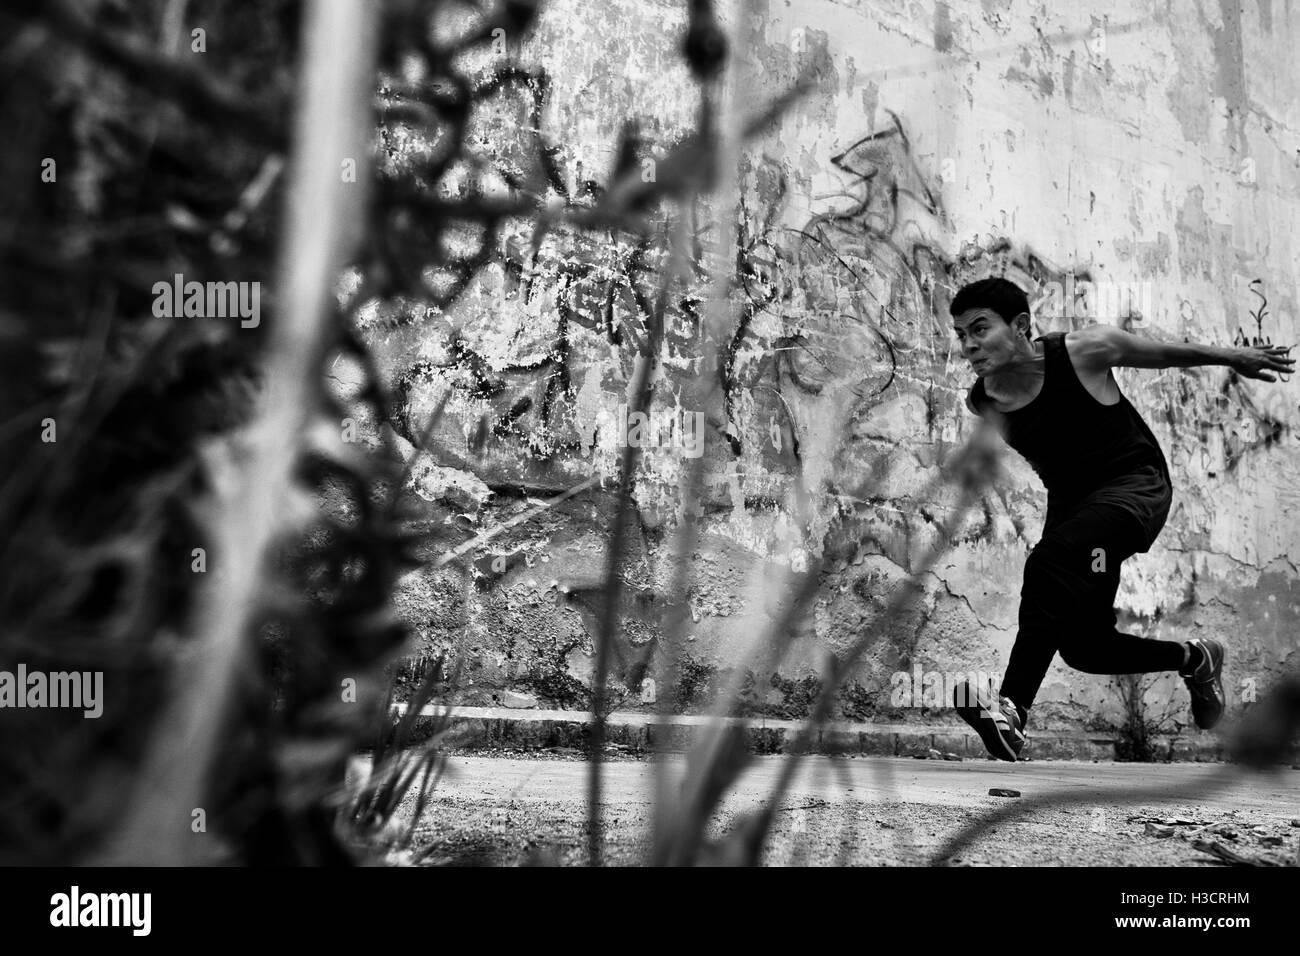 Un colombiano freerunner realiza un salto sobre un obstáculo durante una sesión de entrenamiento parkour Imagen De Stock